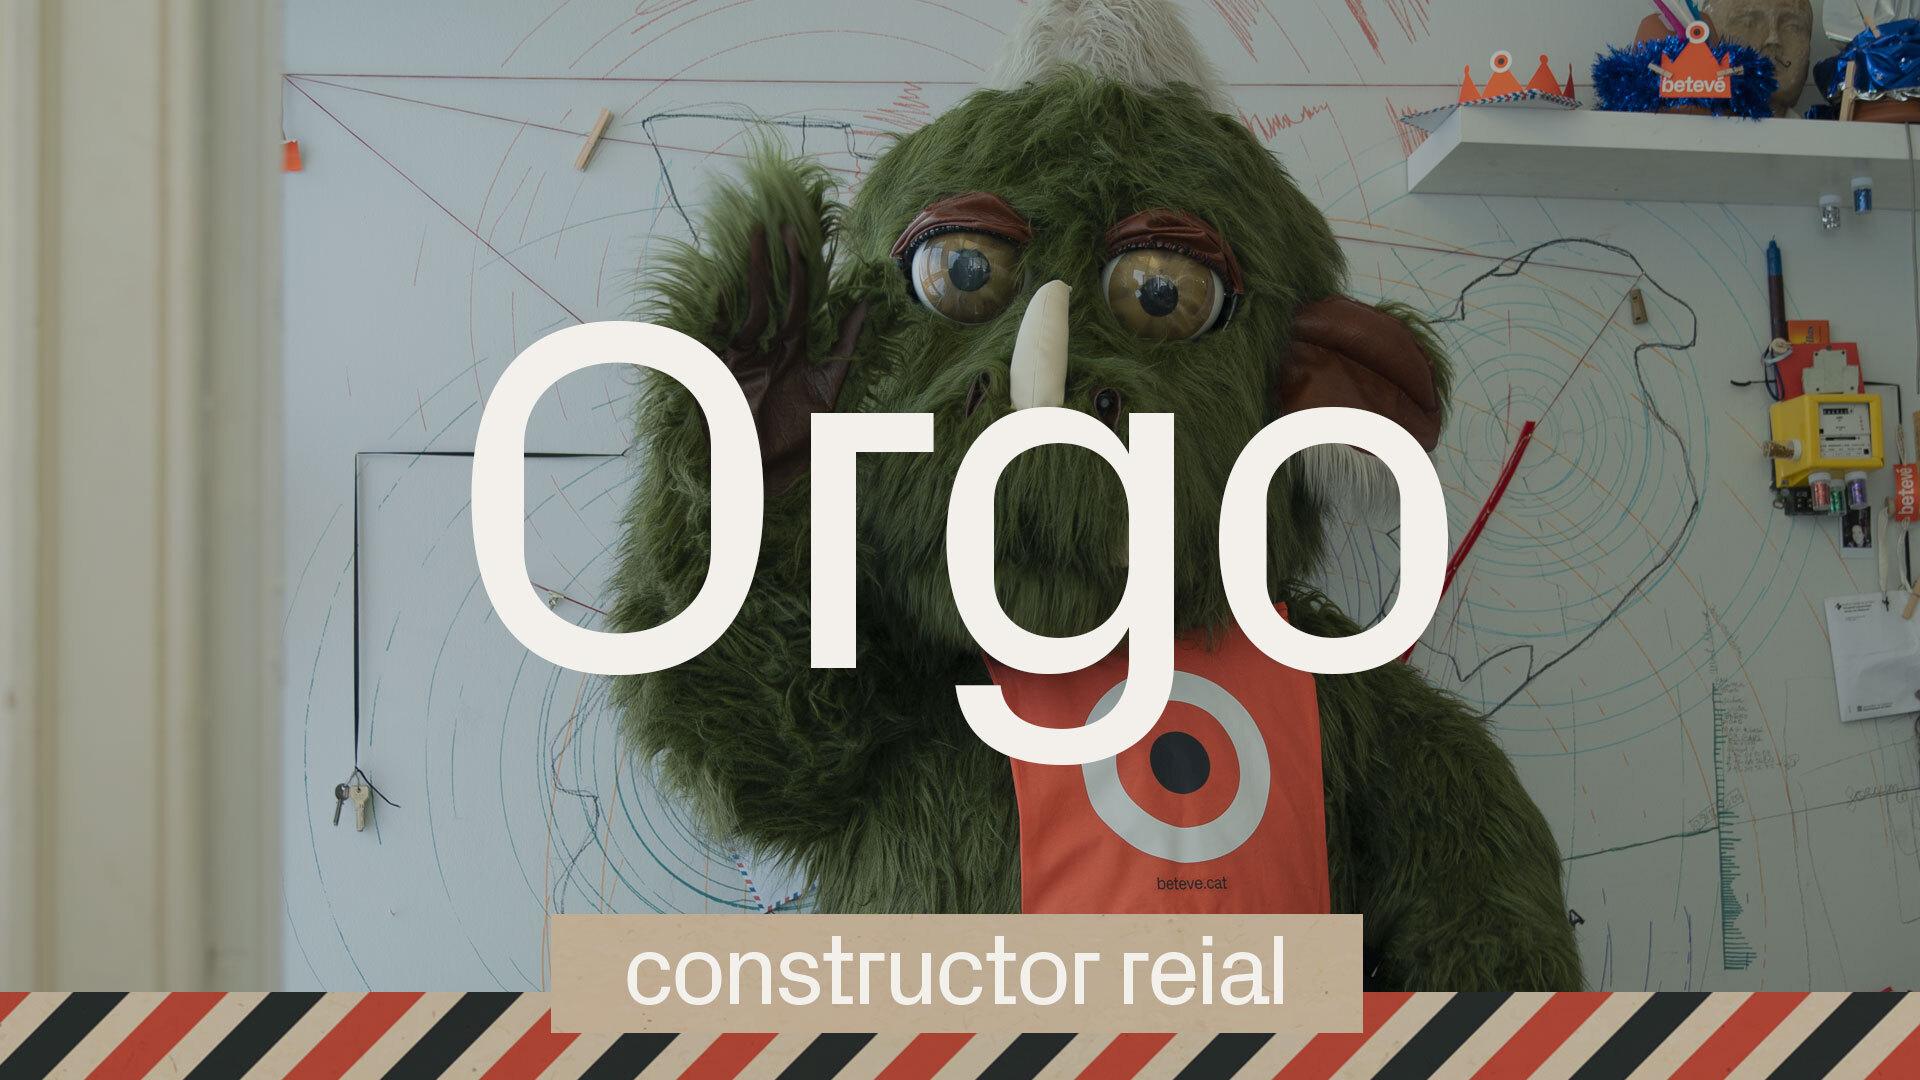 Orgo-constructor-reial-01-1920x1080